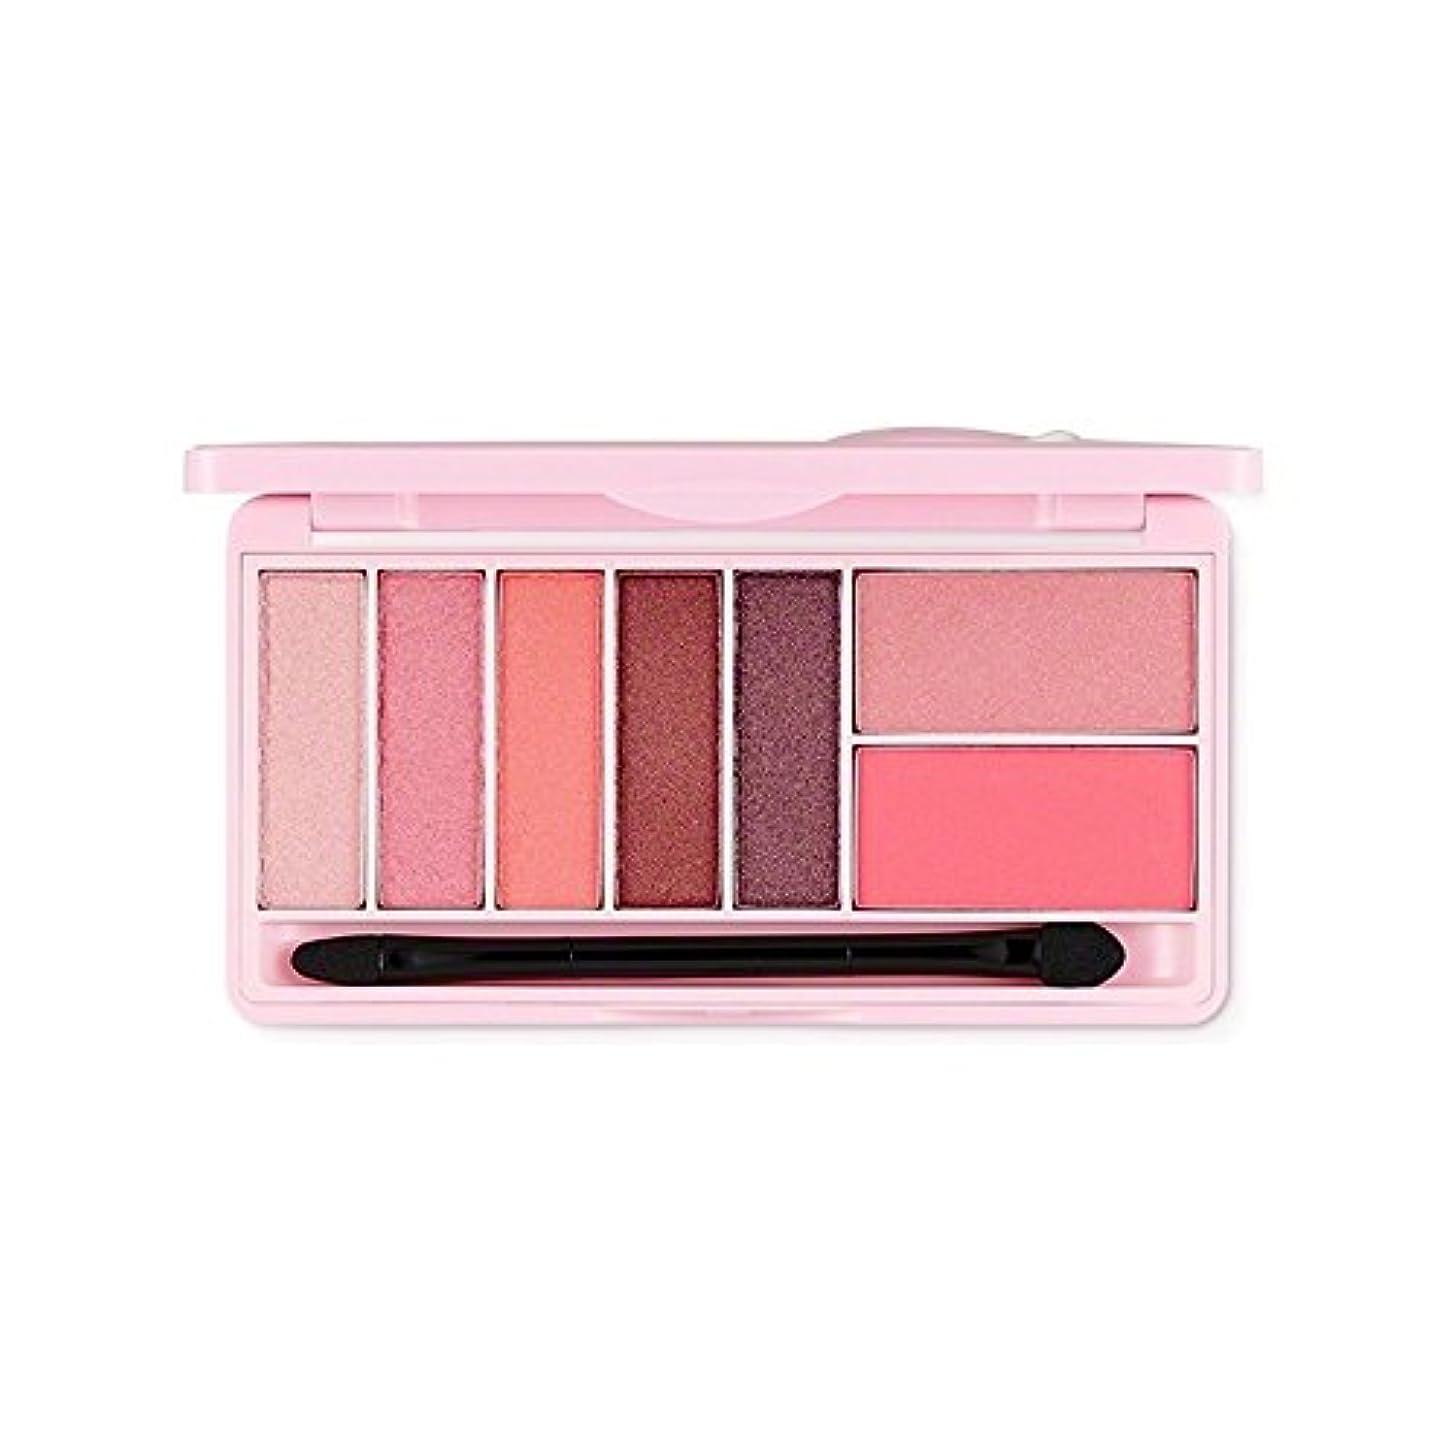 メジャーただアシュリータファーマンThe Face Shop スウィートアペックチャーモノポップアイズ Kakao FriendsThe Face Shop Sweet Apeach Mono Pop Eyes 9.5g/甘いアペサート (Pink Winking...